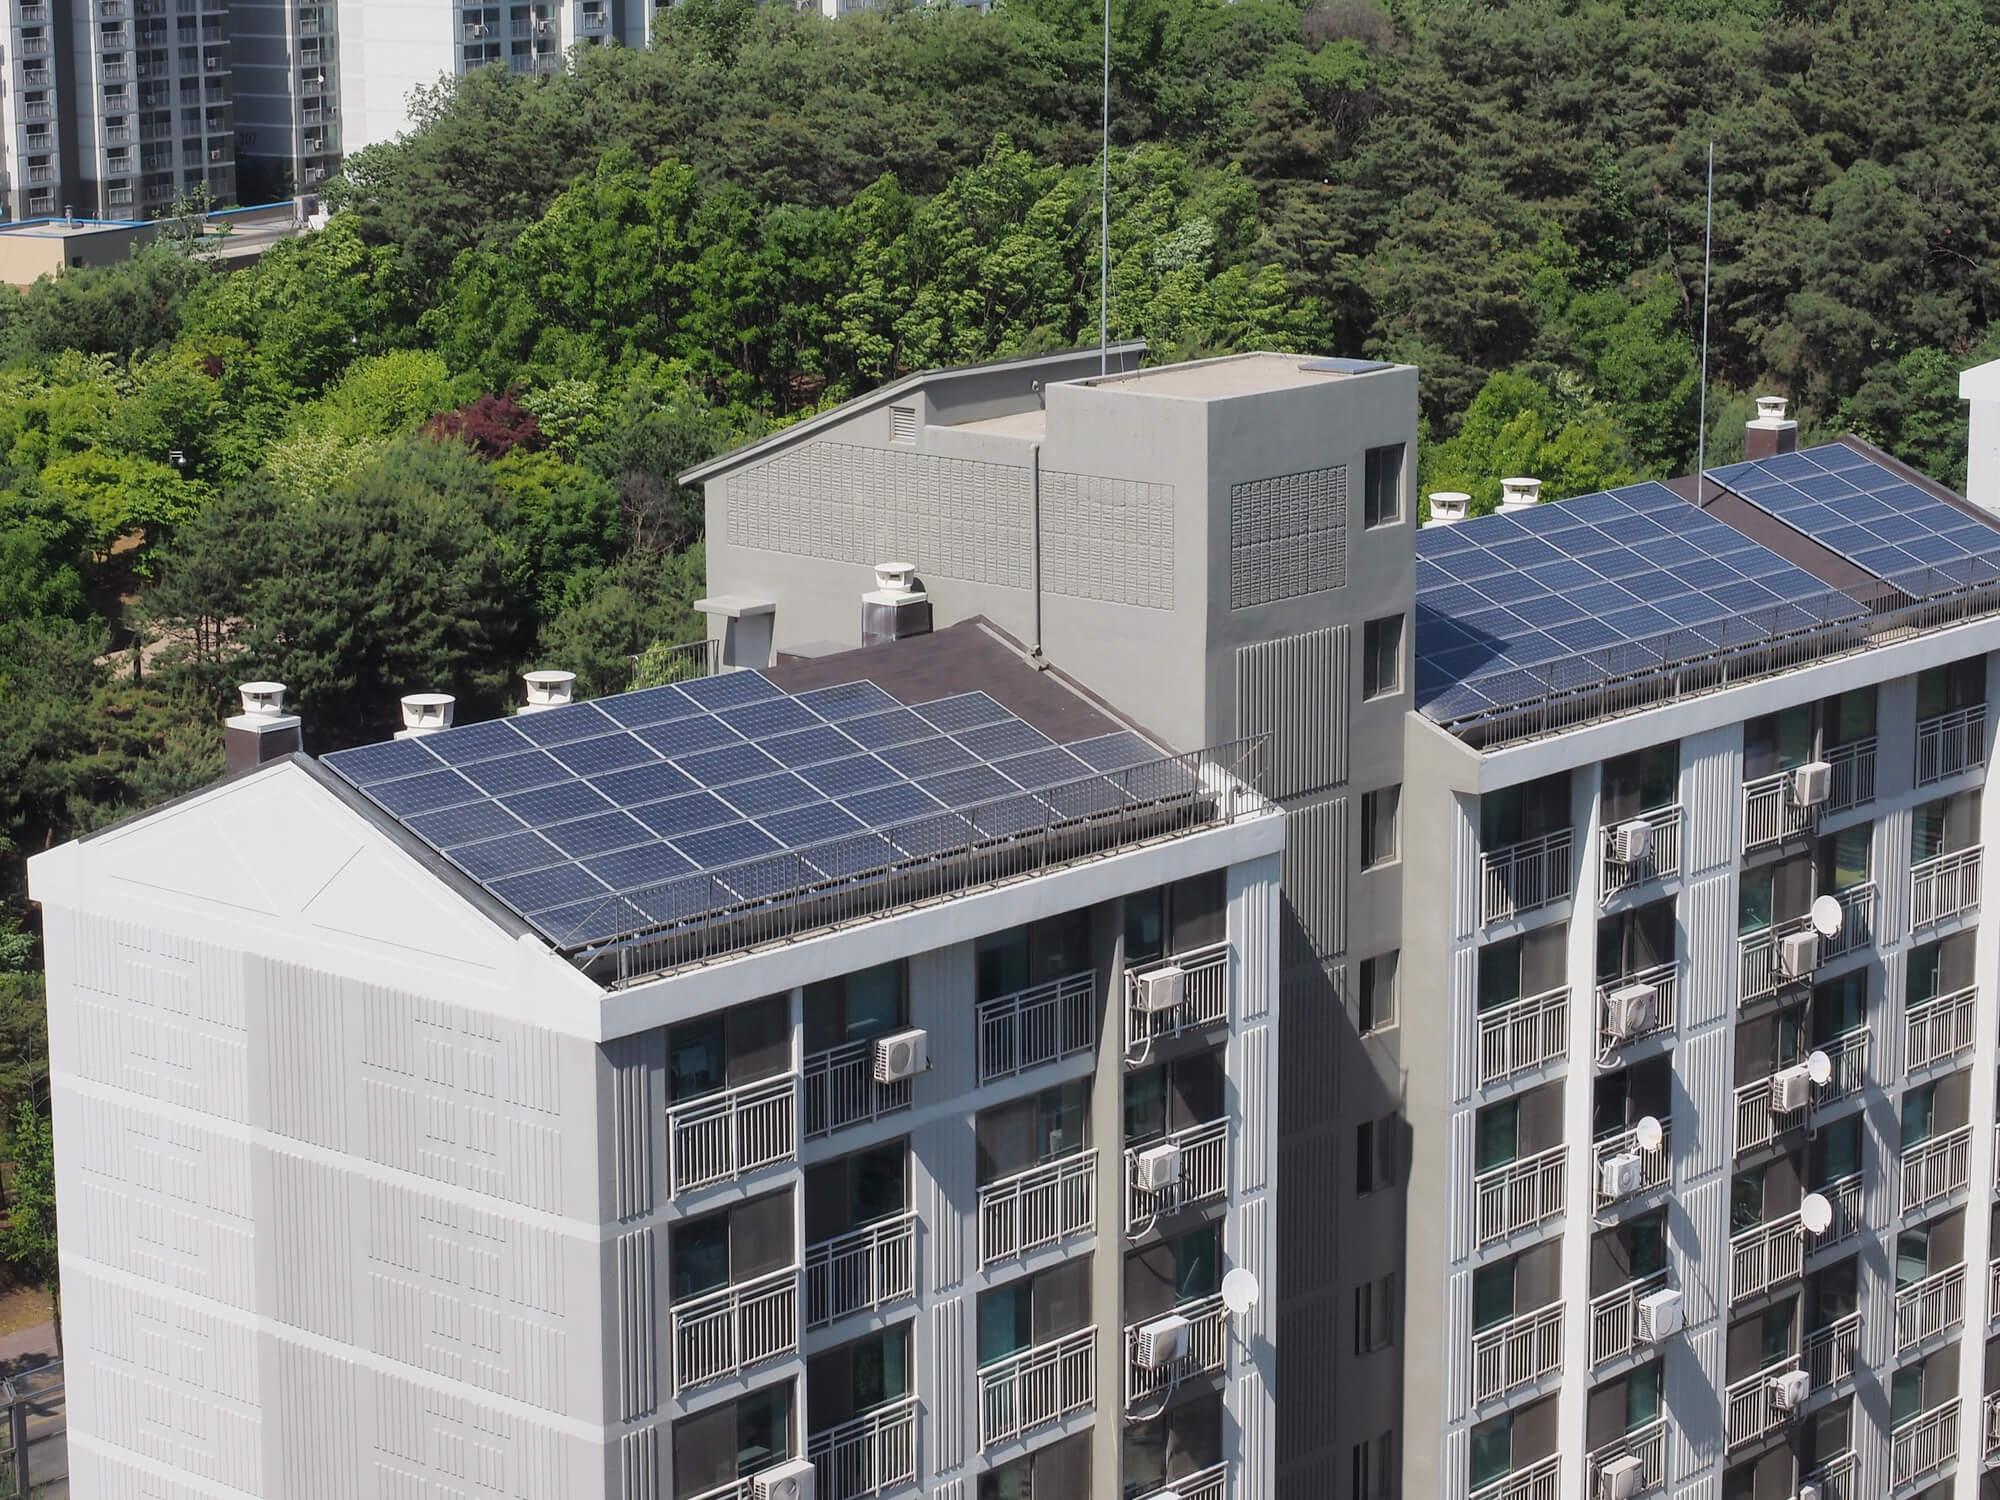 Energia solar em apartamento: como funciona e quais os benefícios?